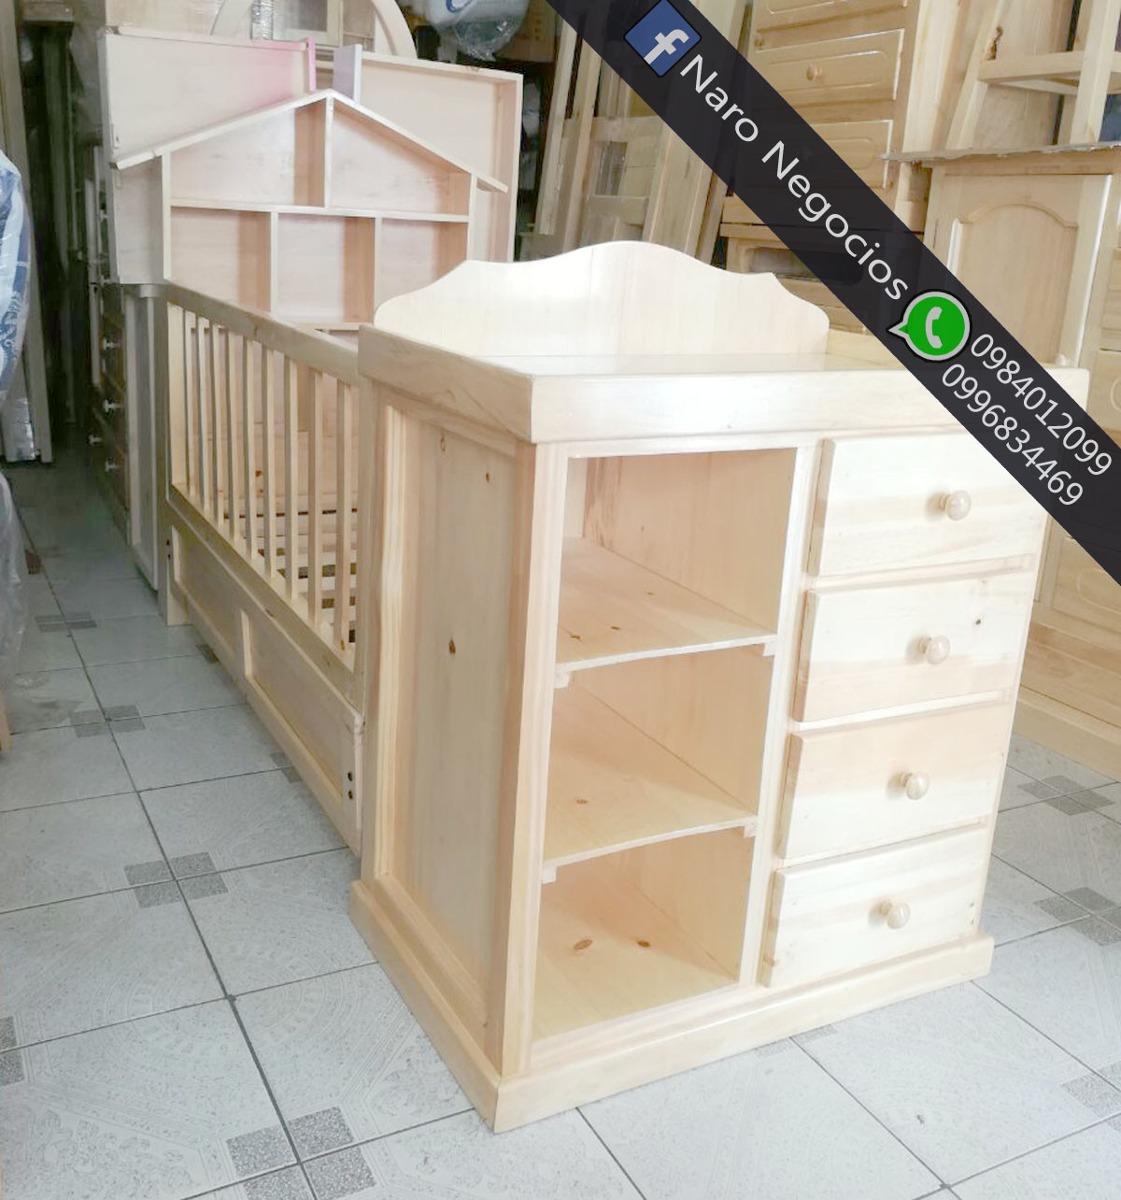 Cuna cama com cambiador para bebe ademas colchones muebles u s 197 00 en mercado libre - Colchon cambiador bebe medidas ...